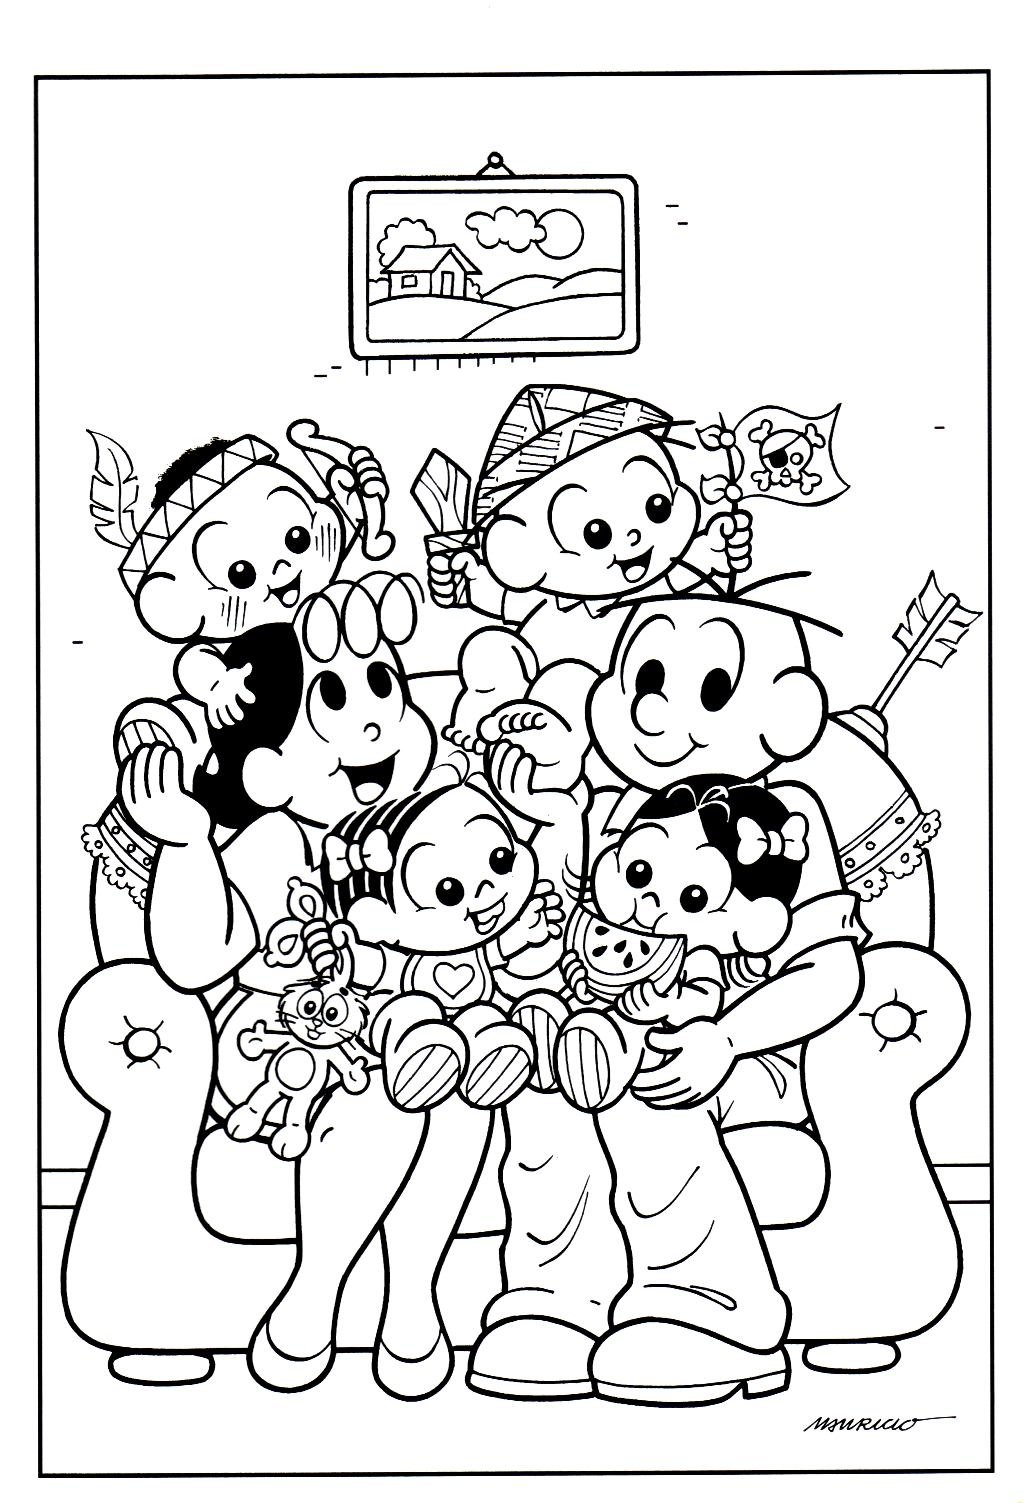 dia-das-criancas-colorir02